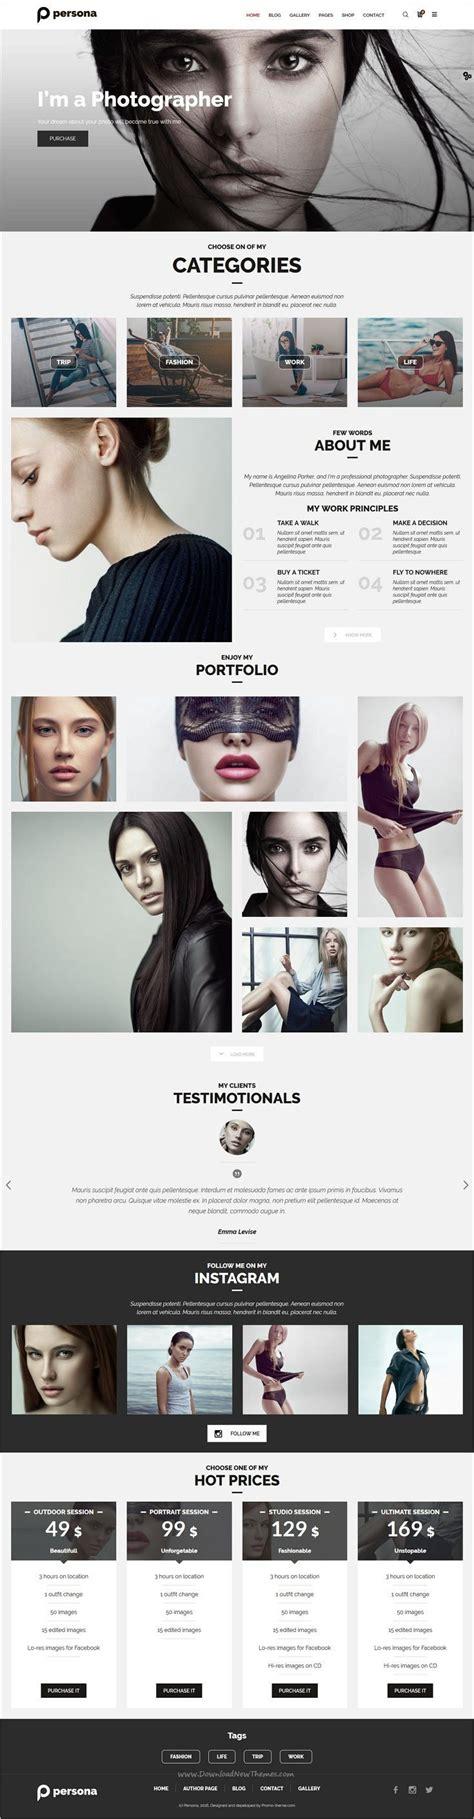 webdesign websites photography website design